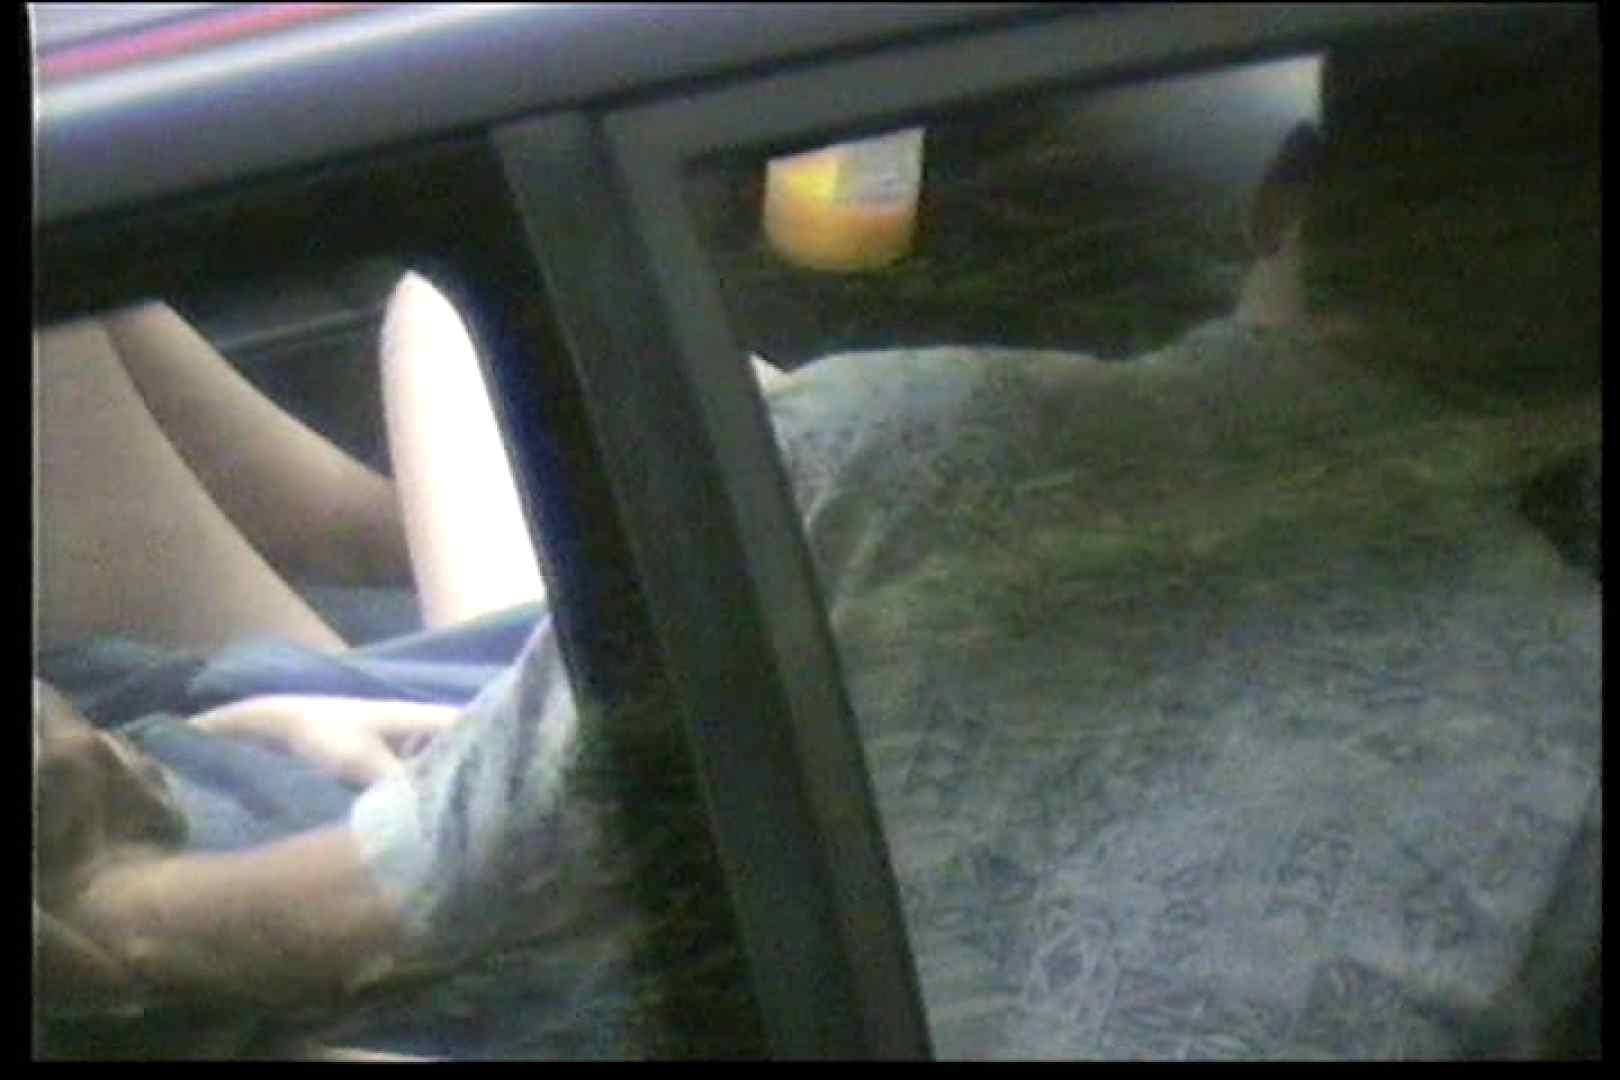 車の中はラブホテル 無修正版  Vol.12 車の中のカップル エロ画像 93画像 44